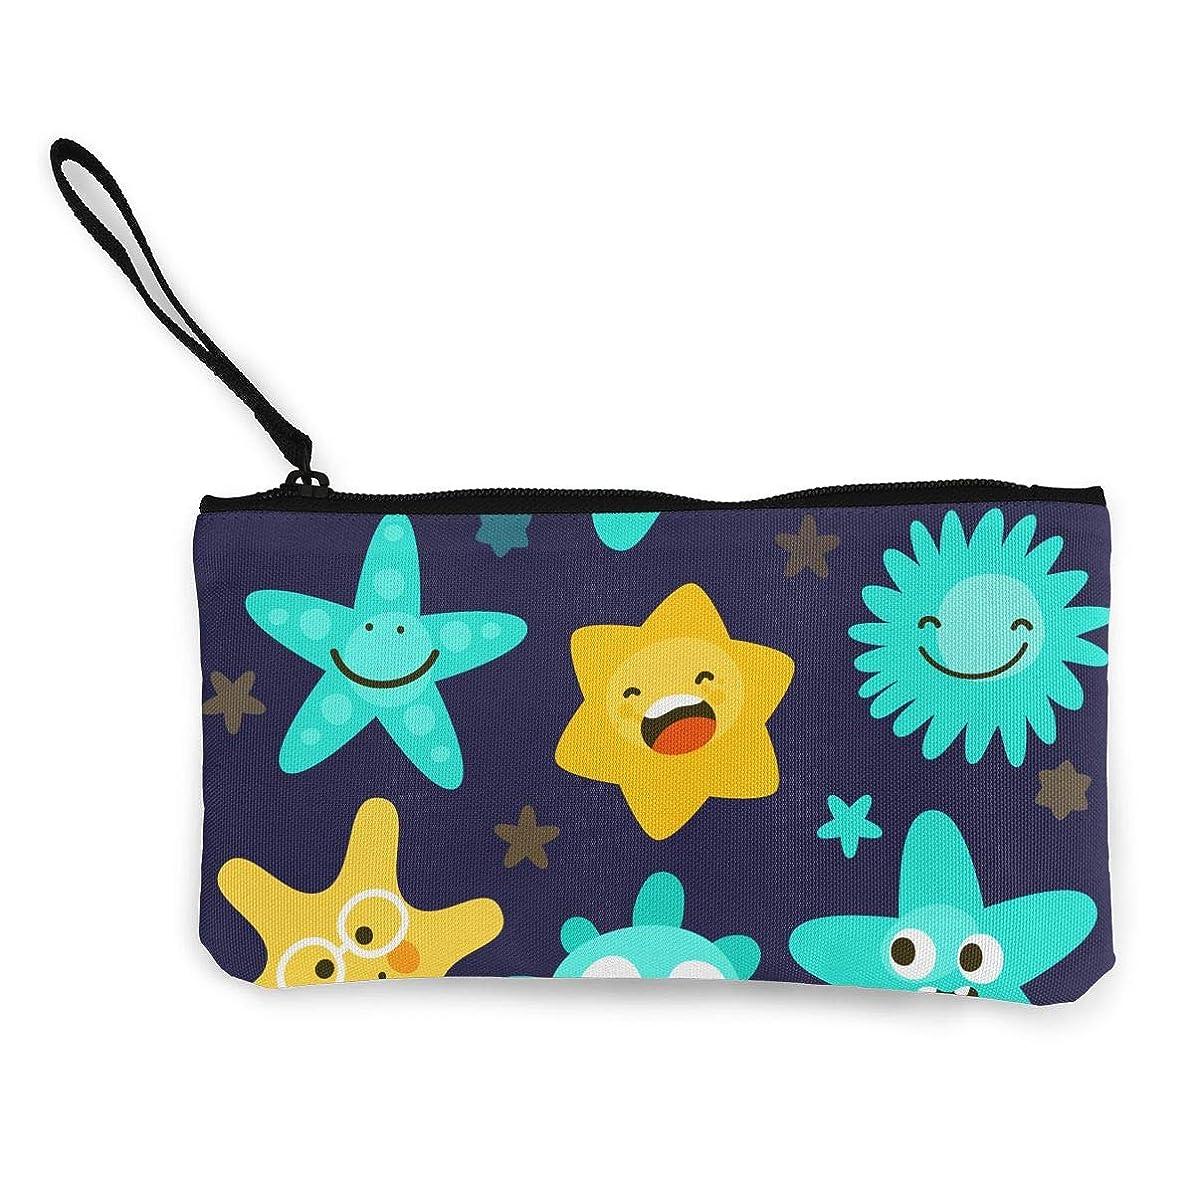 インフラ破壊テントErmiCo レディース 小銭入れ キャンバス財布 かわいい星の多様性 小遣い財布 財布 鍵 小物 充電器 収納 長財布 ファスナー付き 22×12cm